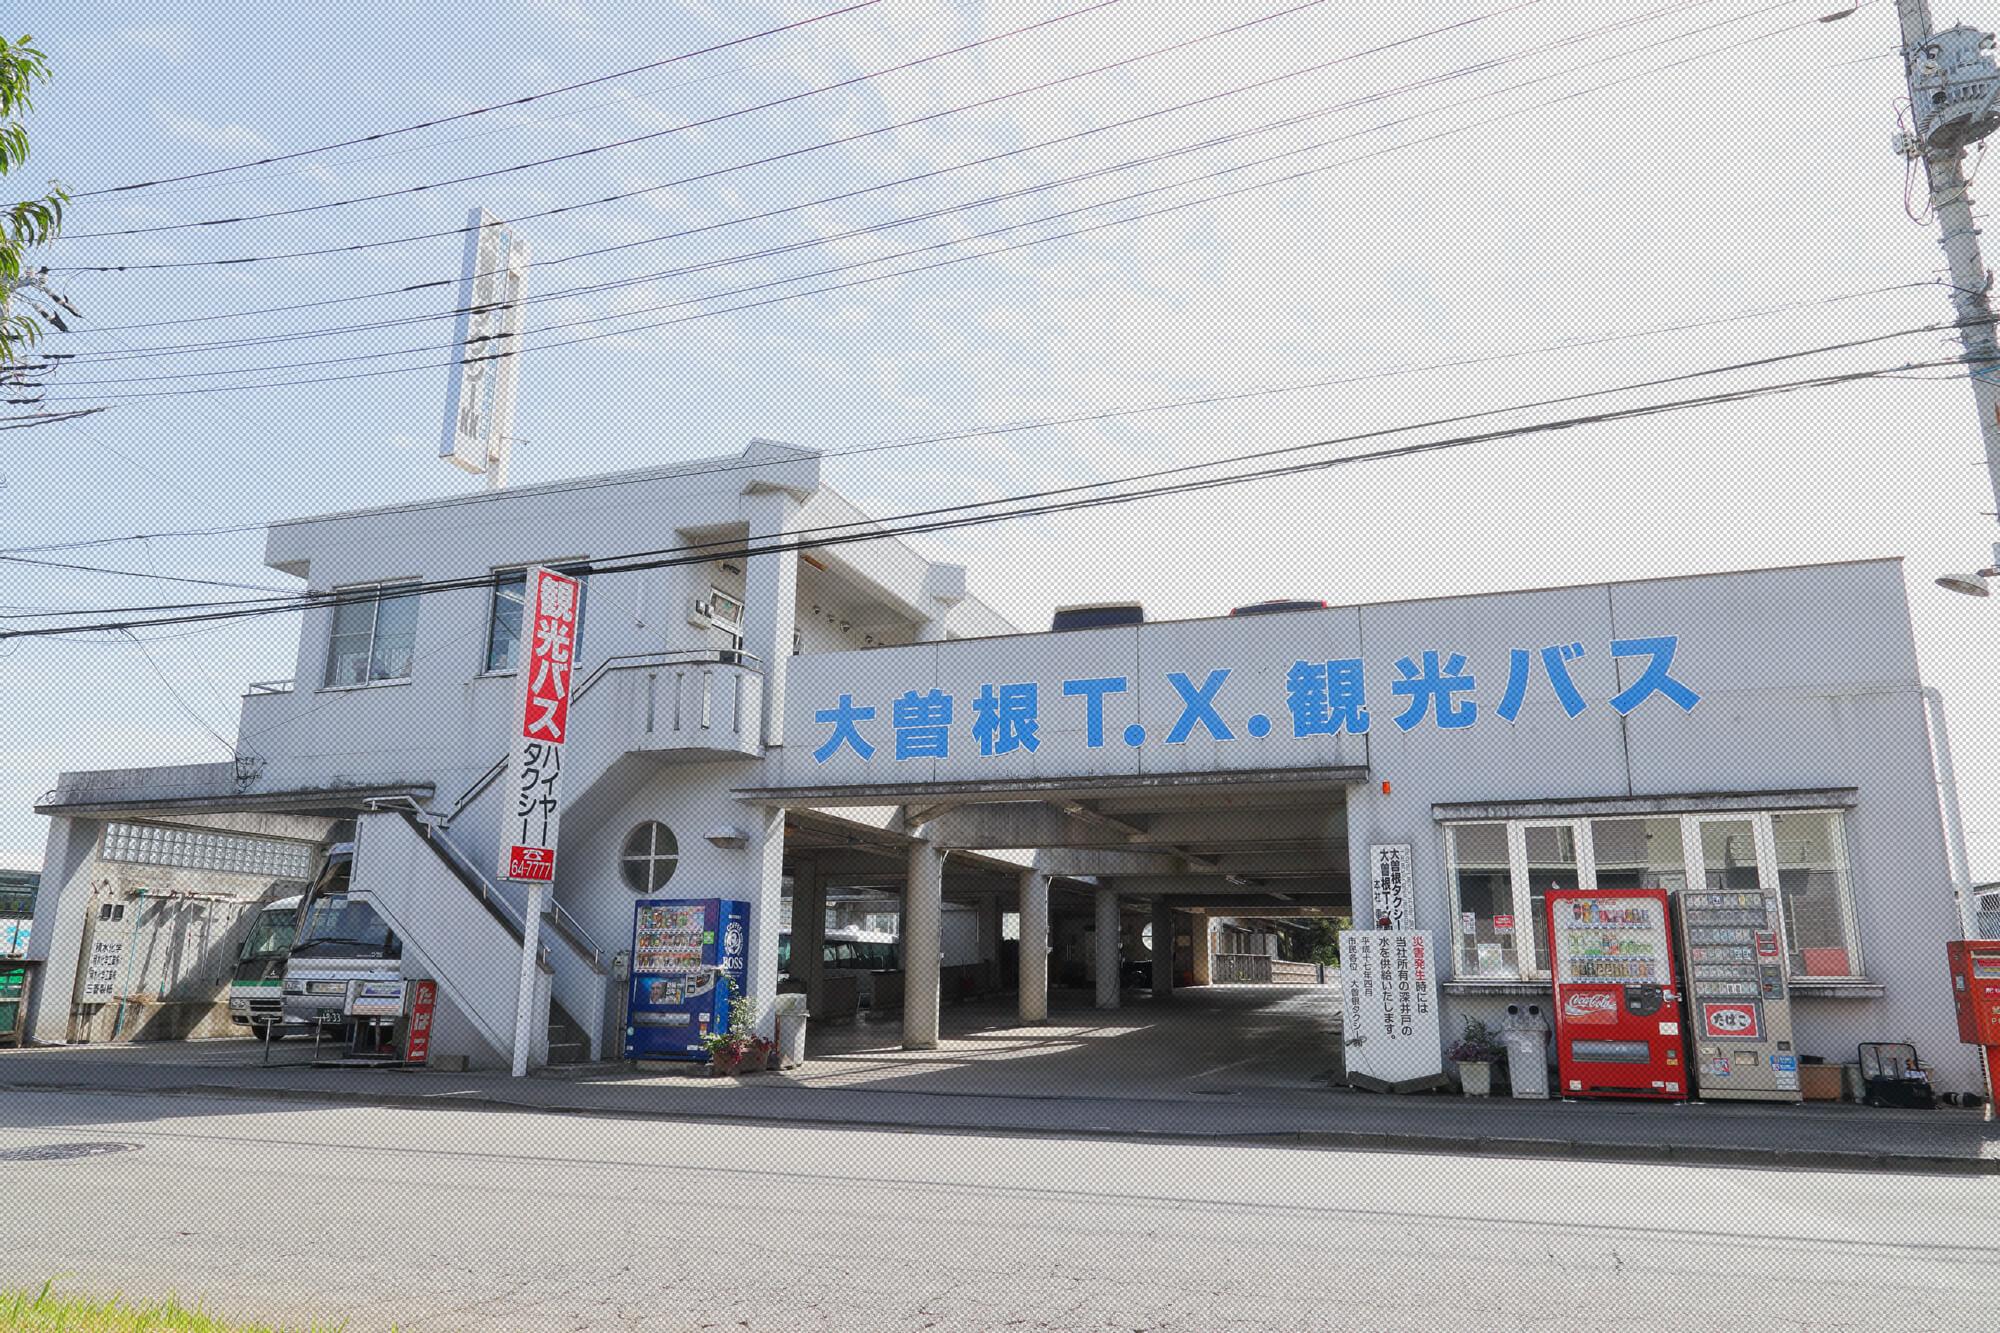 大曽根タクシー社屋